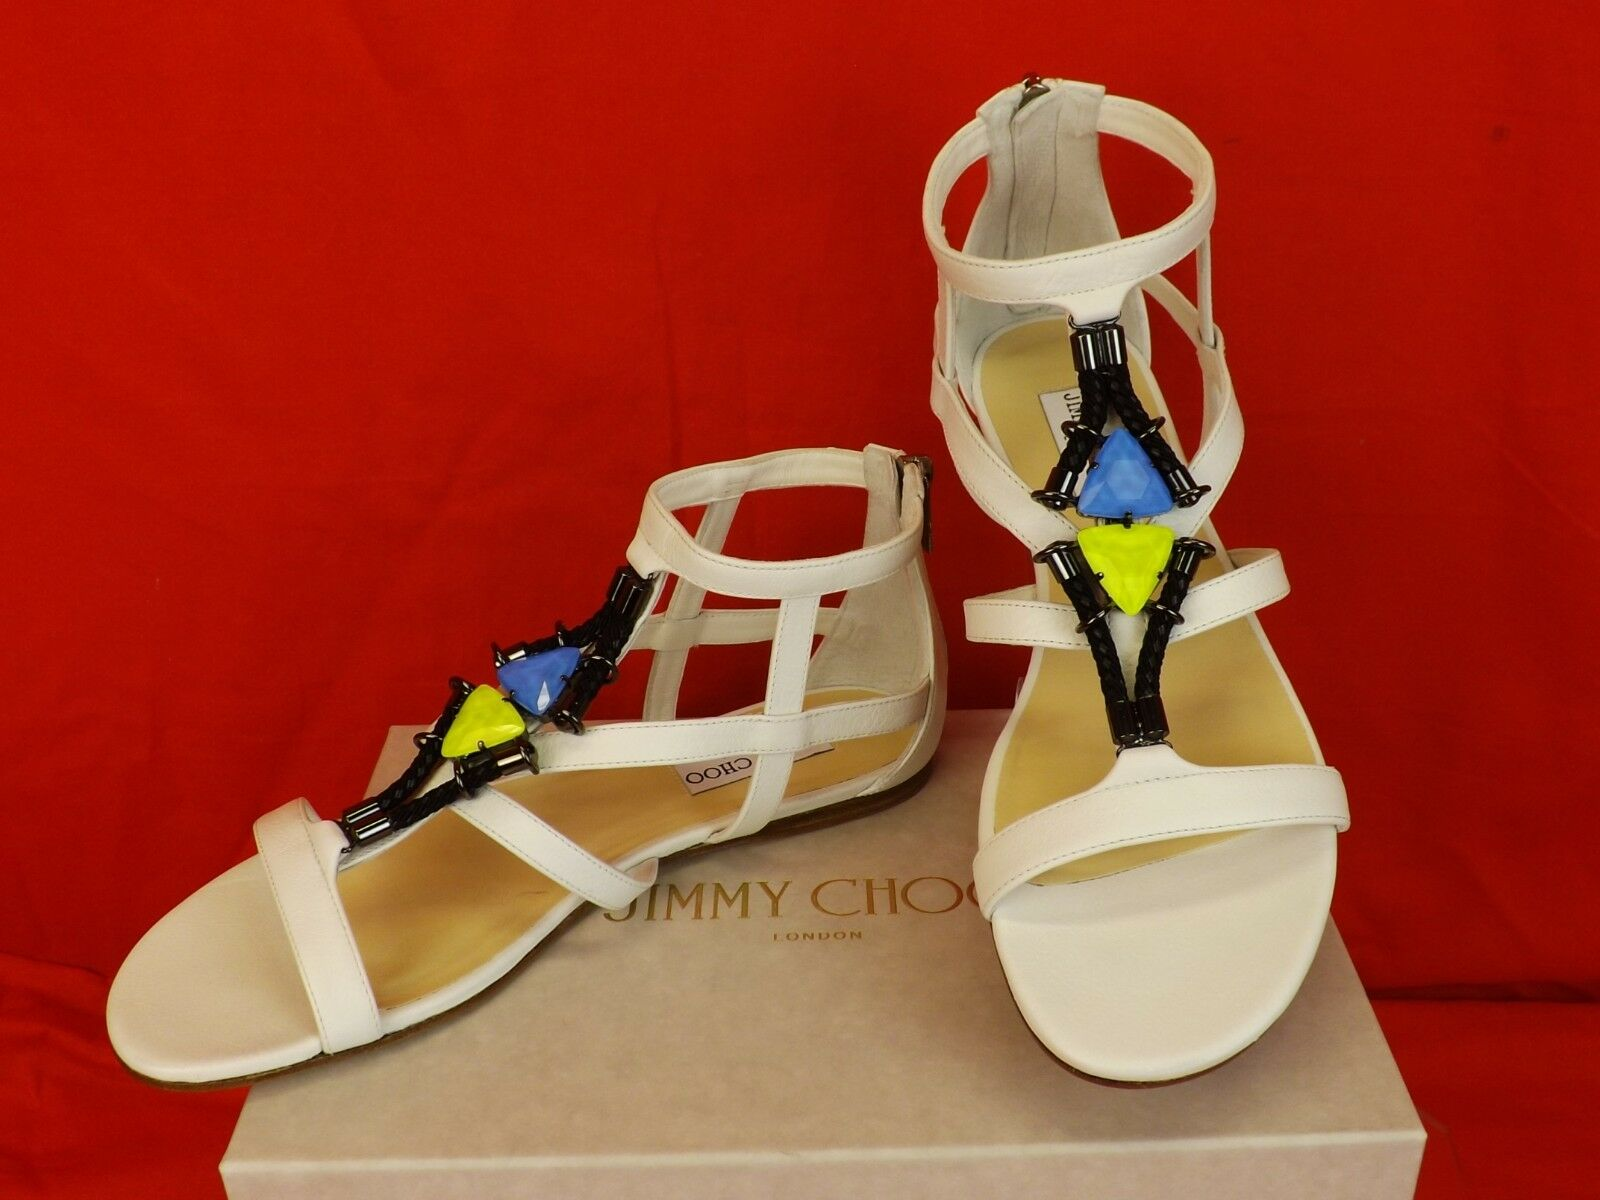 Jimmy Choo Nano en en en blancoo Joyas Jaula Pisos Gladiadores Sandalias 38  625  tienda